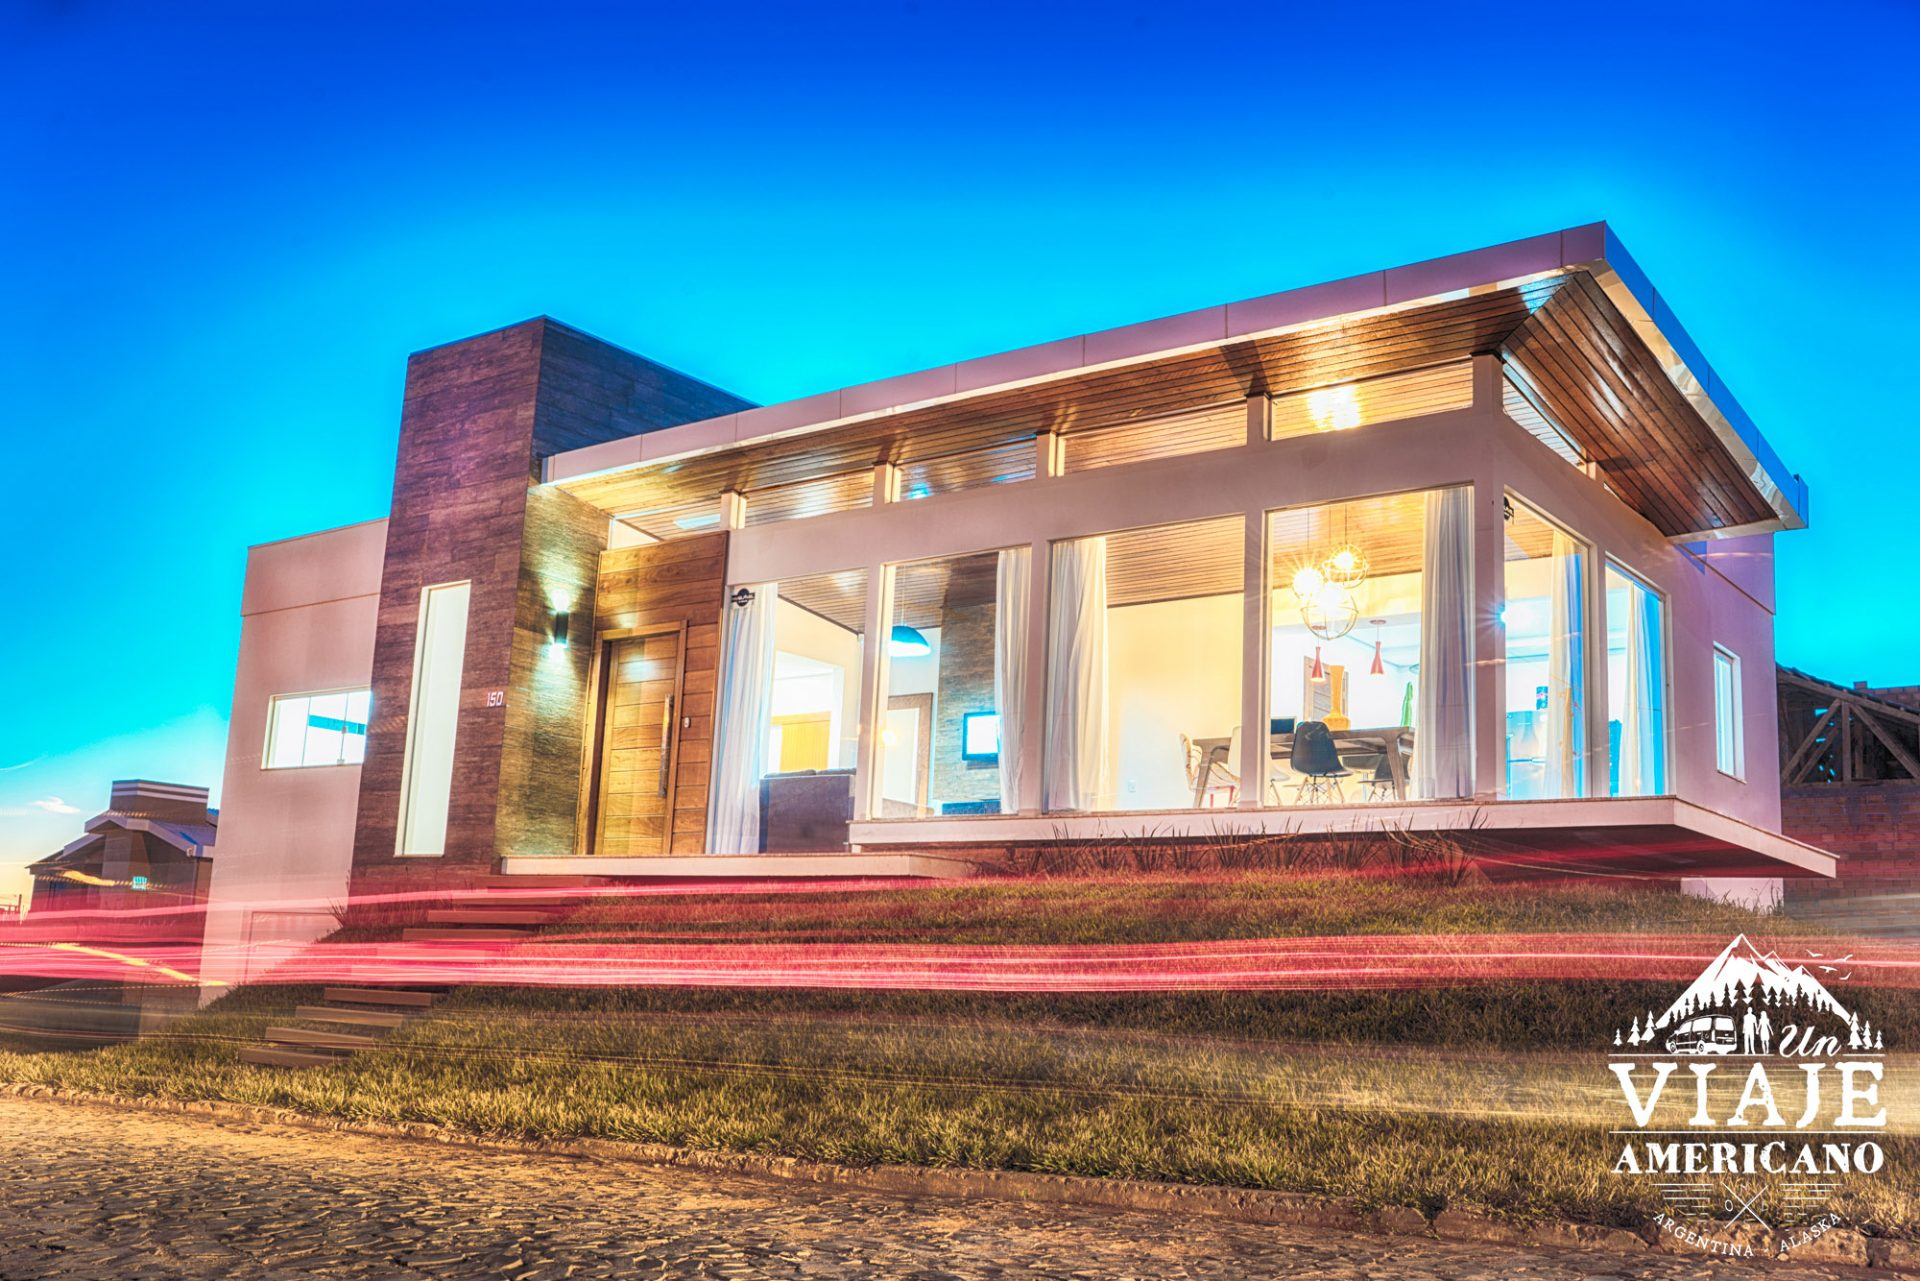 La casa se ve maravillosa de noche.